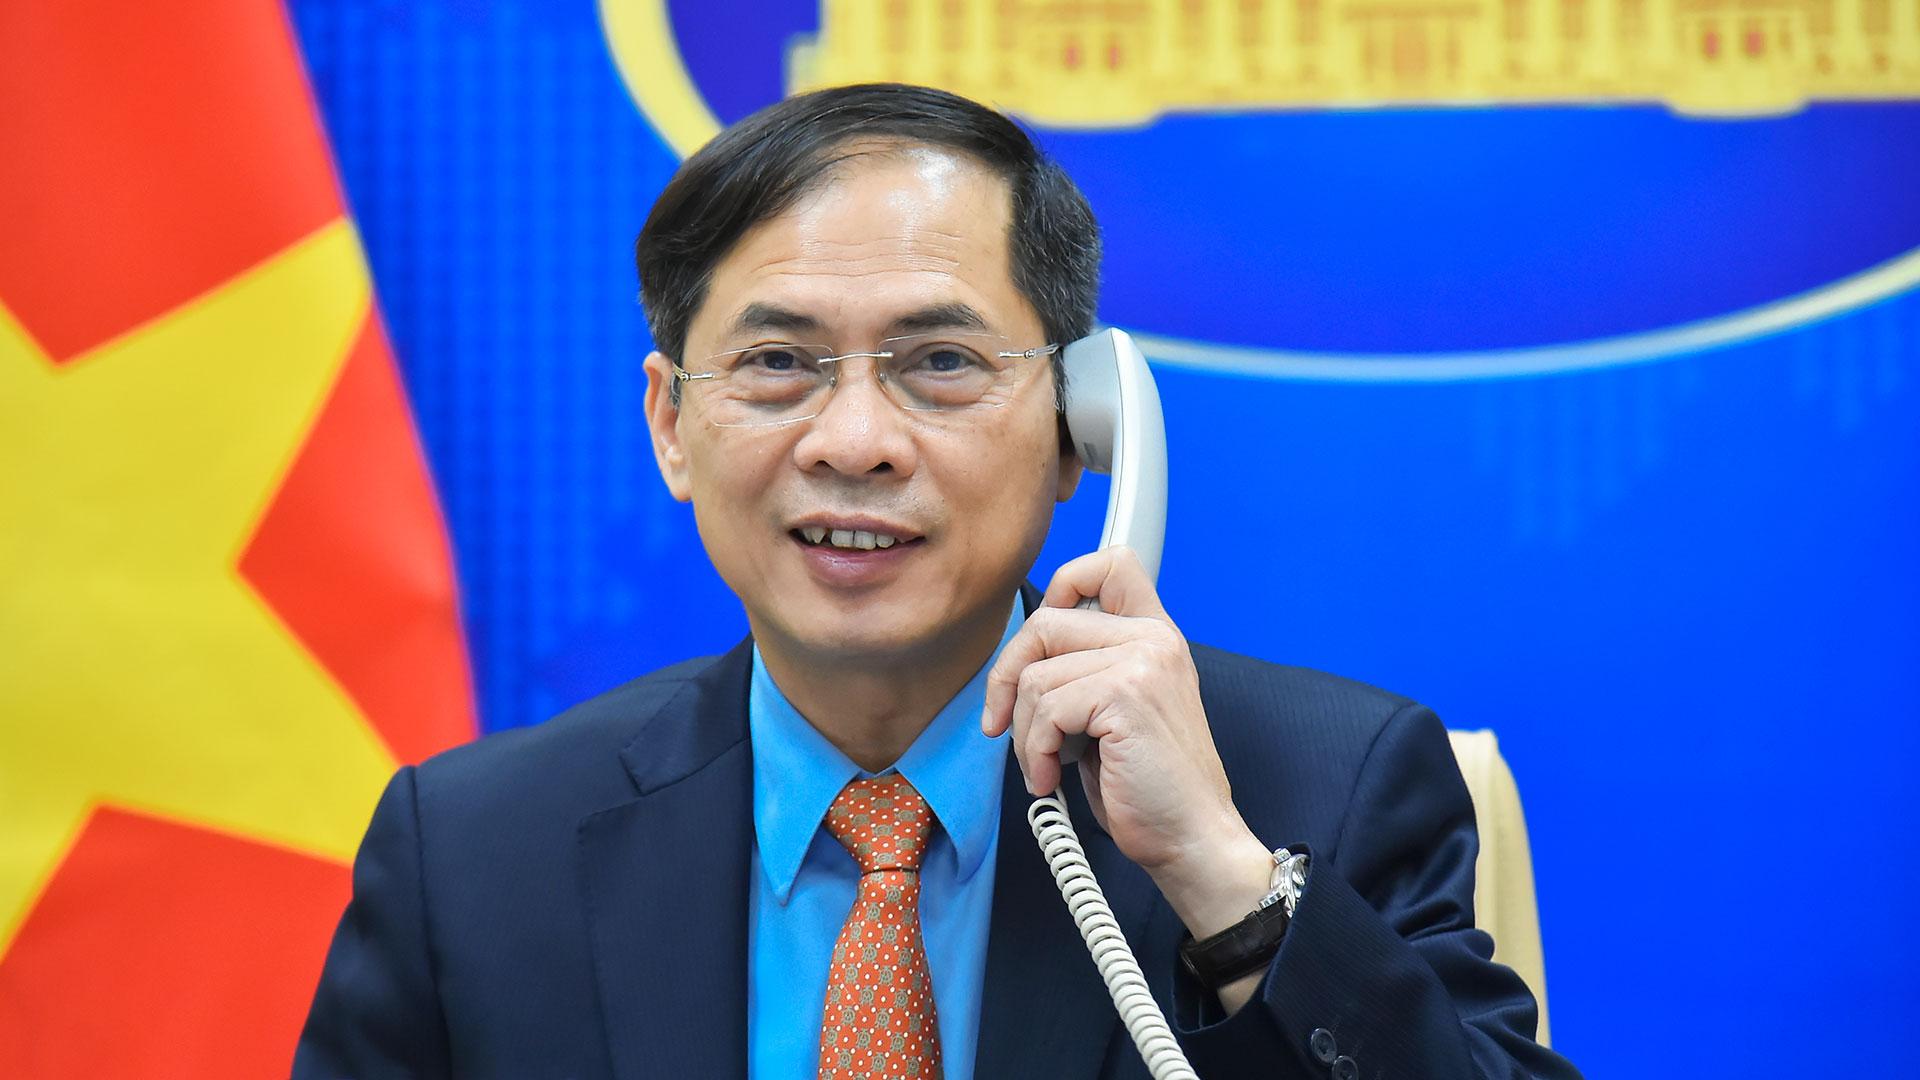 Bộ trưởng Ngoại giao Bùi Thanh Sơn điện đàm với Ngoại trưởng Australia Marise Payne từ Hà Nội ngày 27/8. Ảnh: BNG.